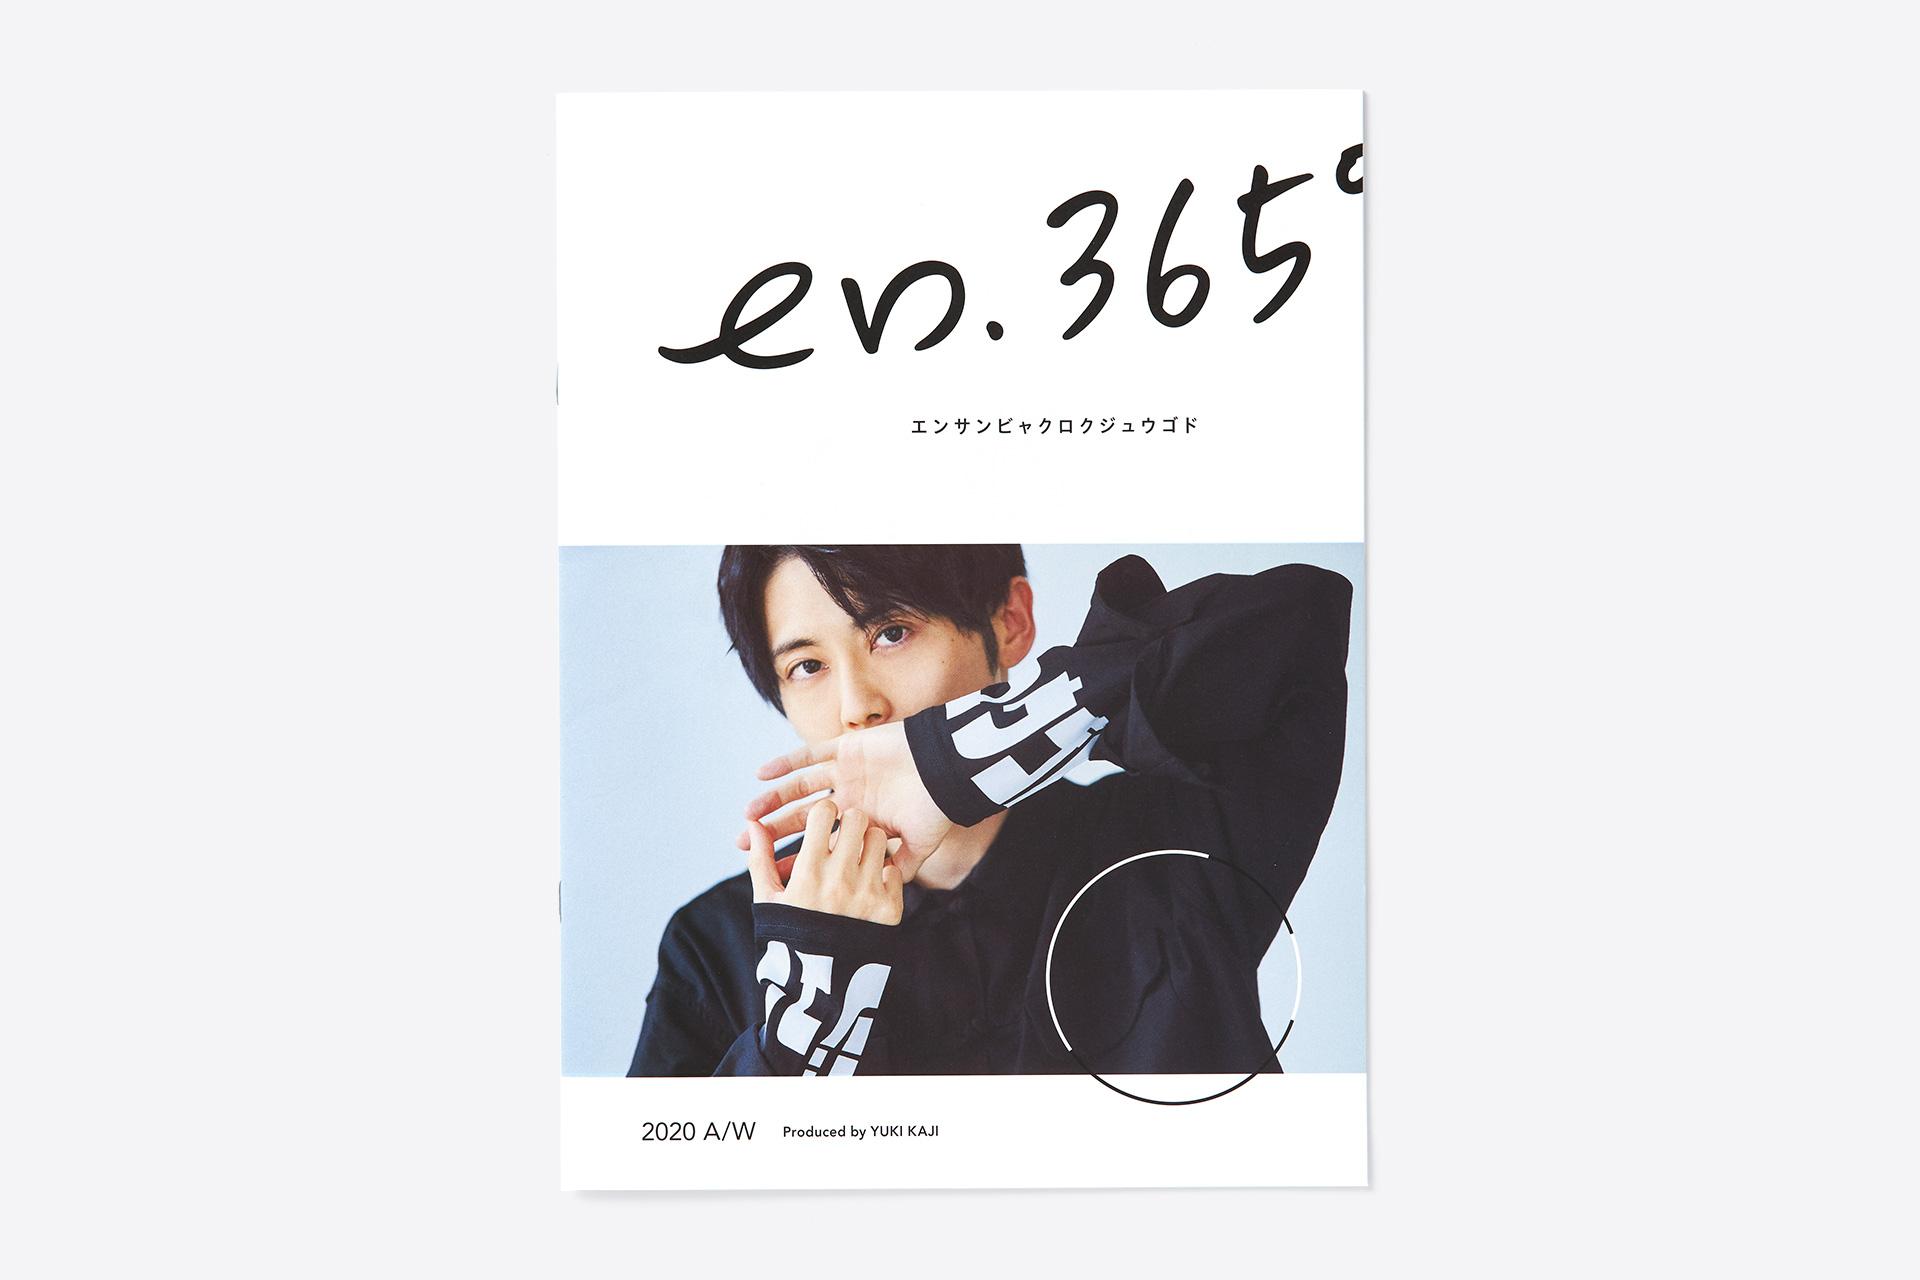 en.365° 2020 A/W / LookBook